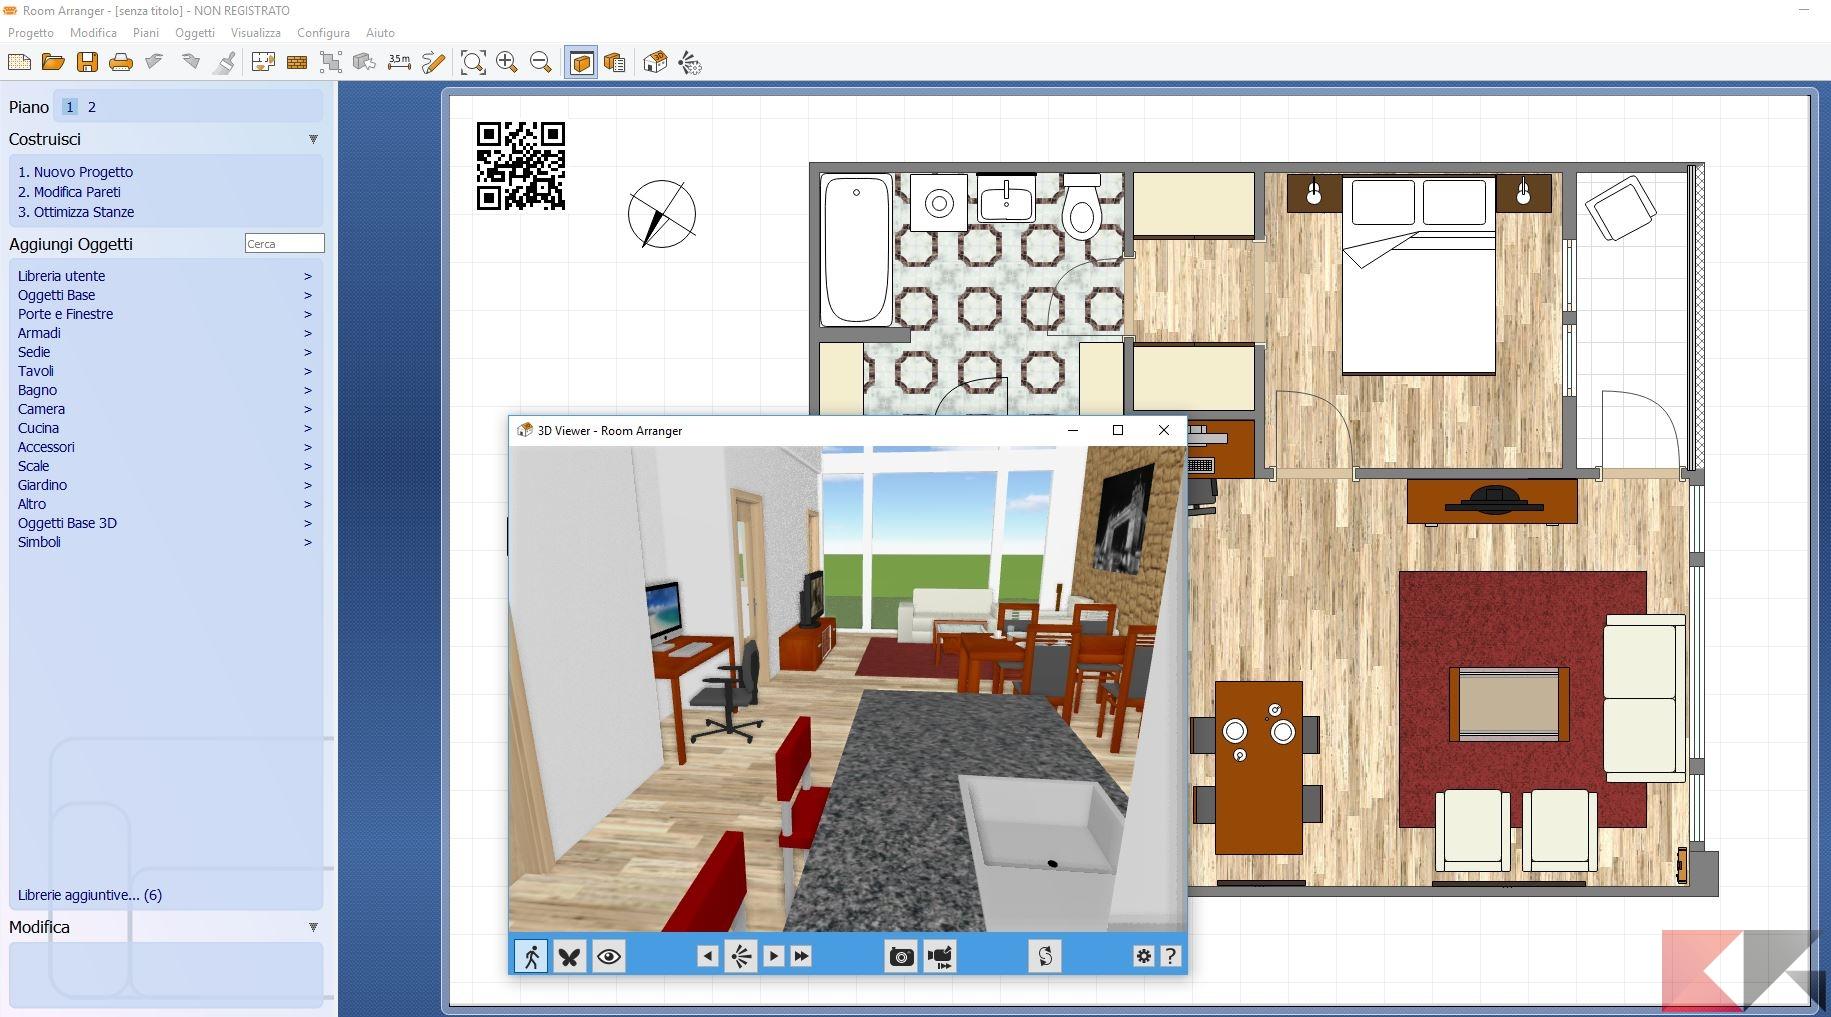 I migliori programmi per arredare casa aggregatore gnu for Ikea programma per arredare